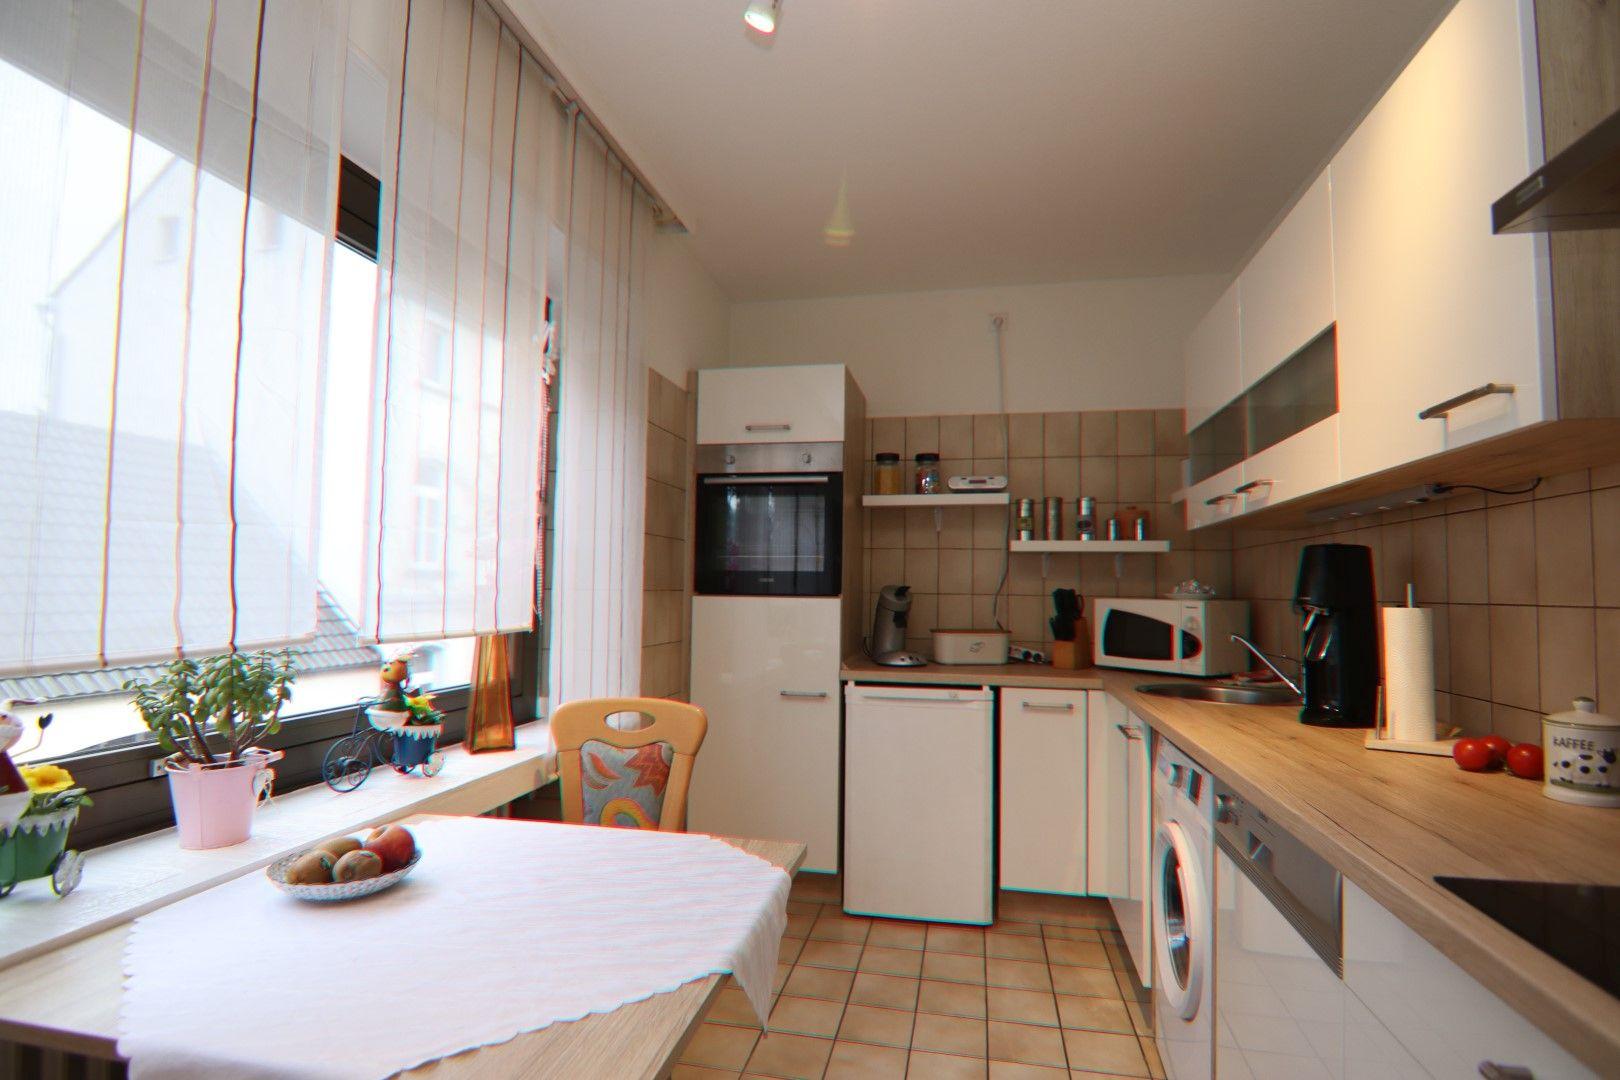 Immobilie Nr.0286 - 2,5 Zimmer Wohnung mit großem Balkon. - Bild 14.jpg